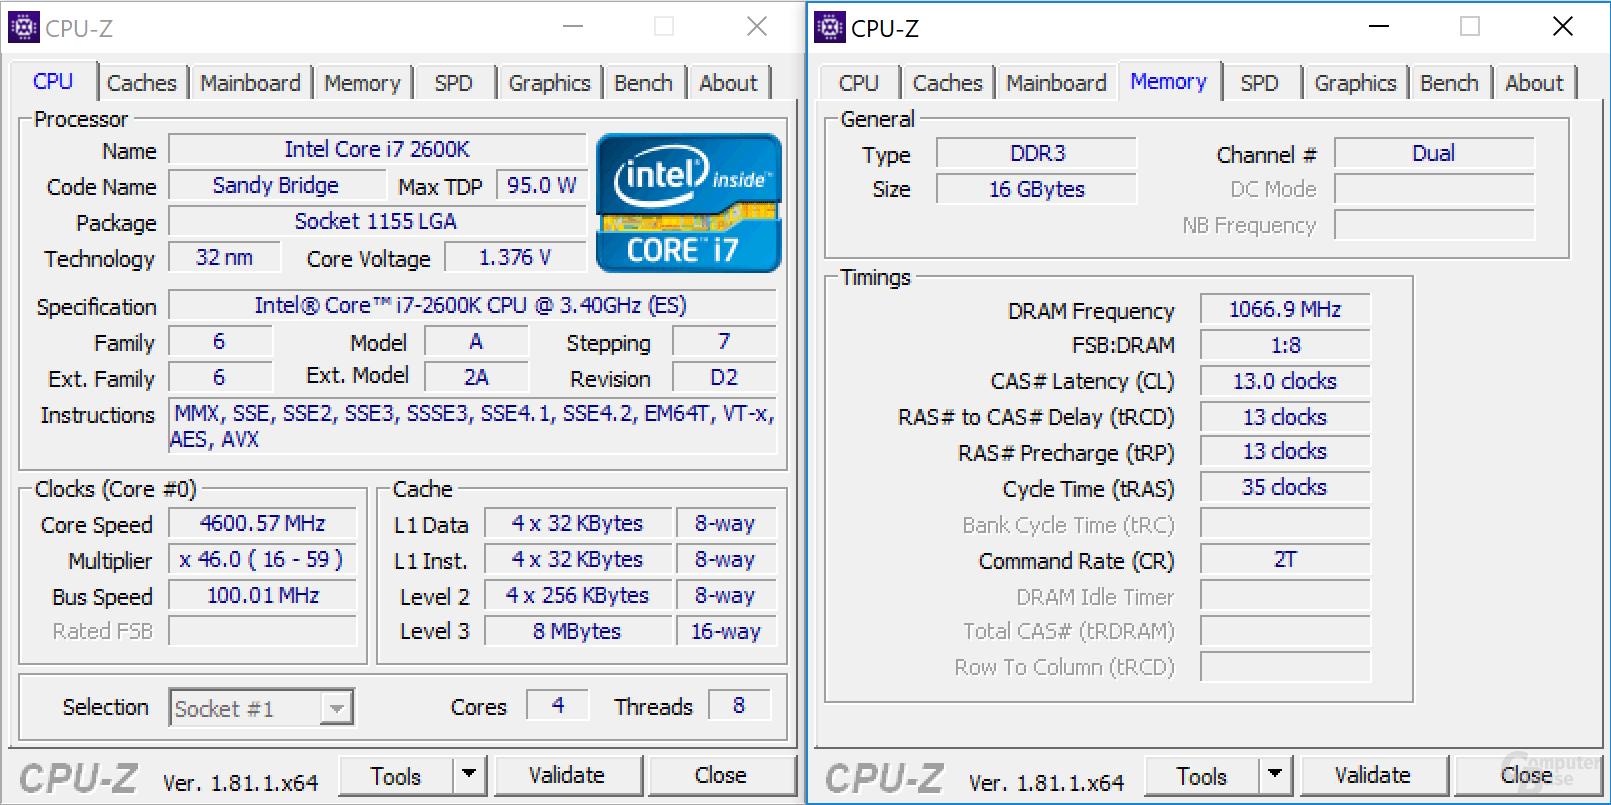 Intel Core i7-2600K bei 4,6 GHz mit DDR3-2133